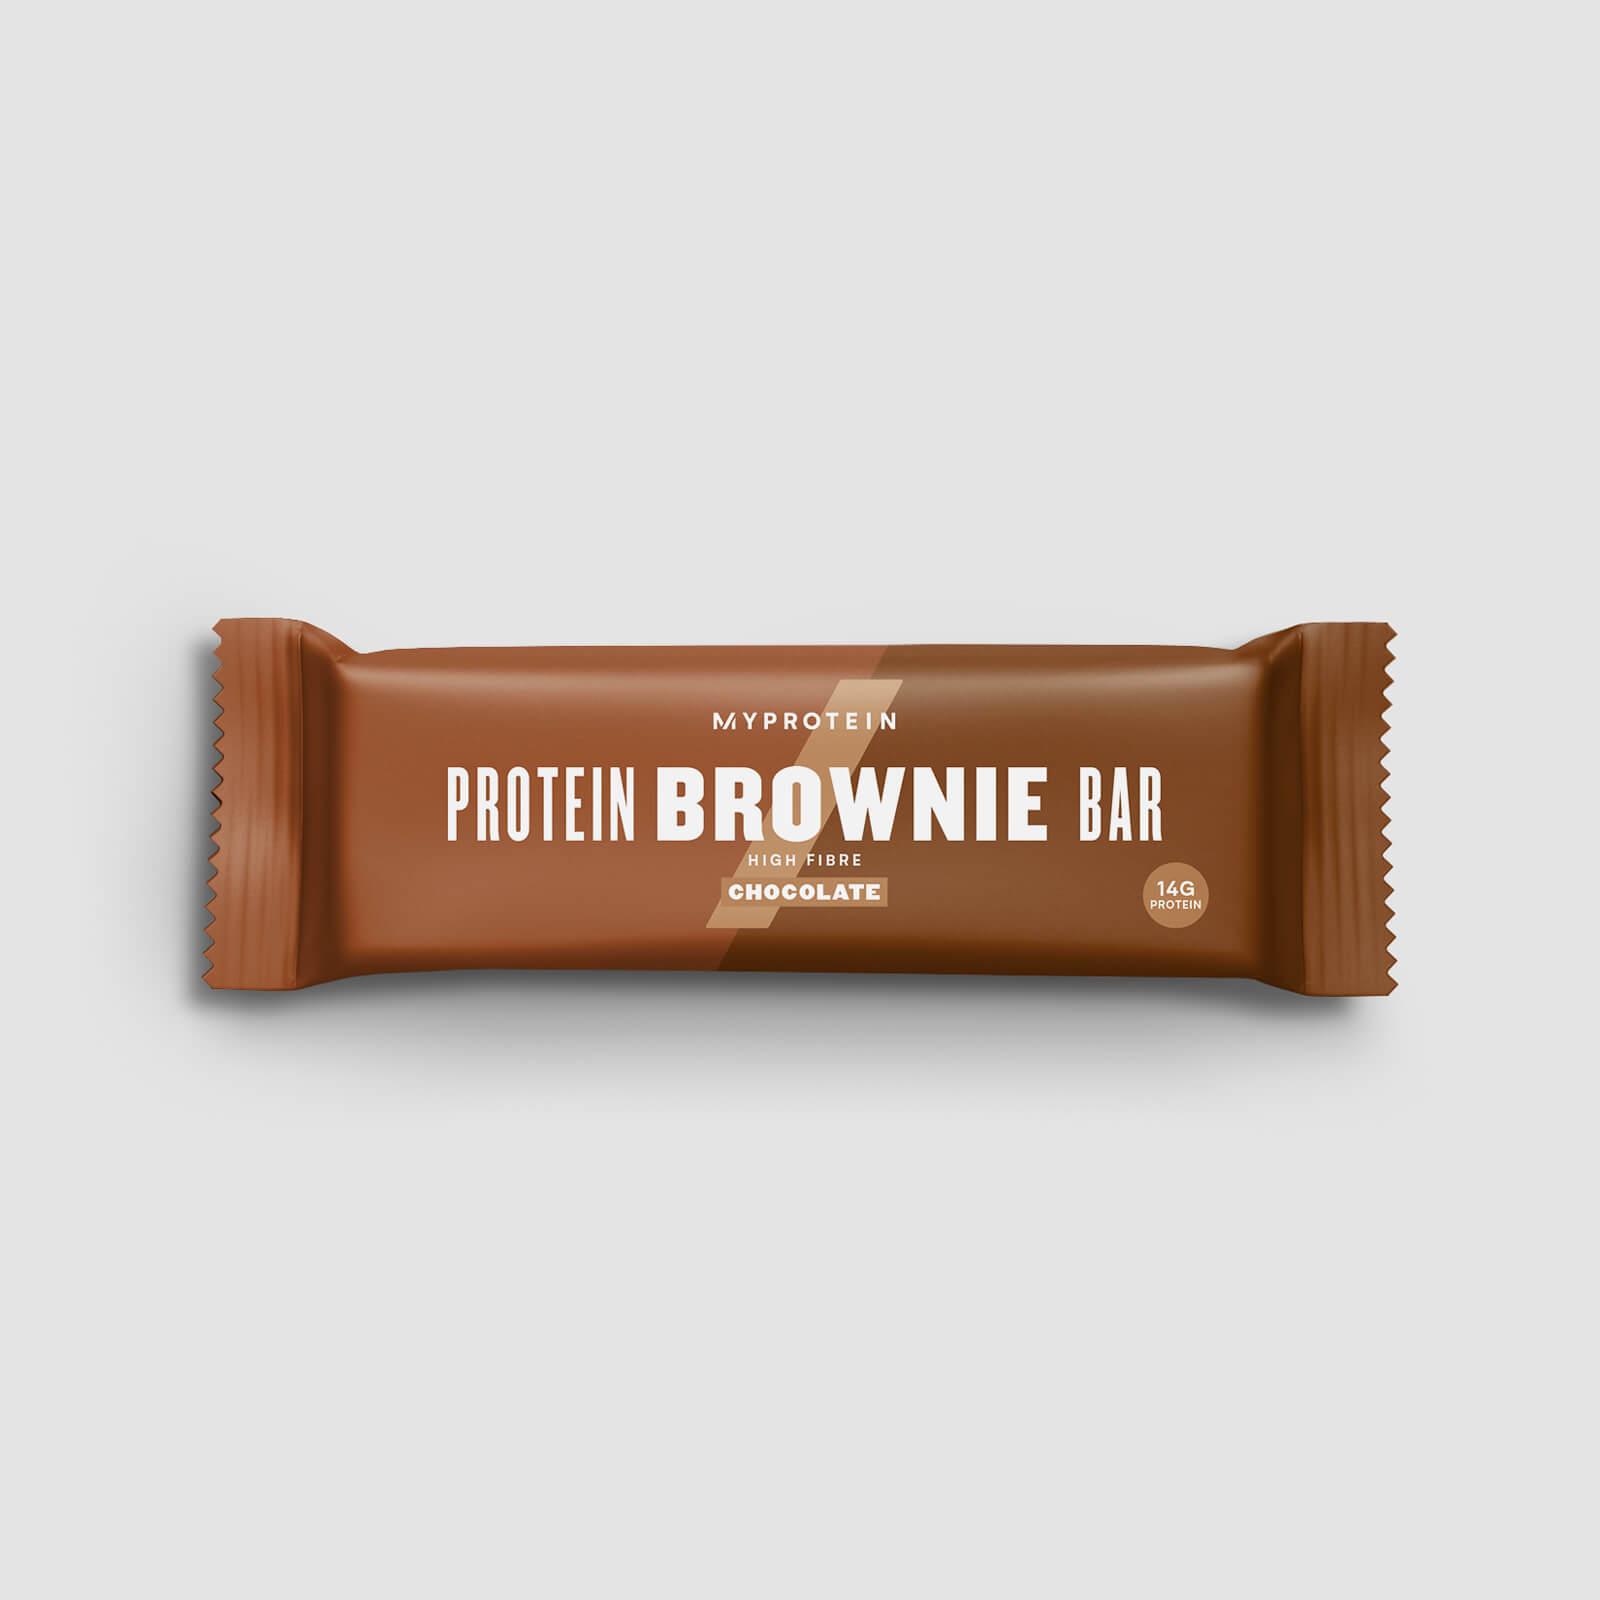 Купить Протеиновый батончик-брауни (пробник) - Шоколад, Myprotein International